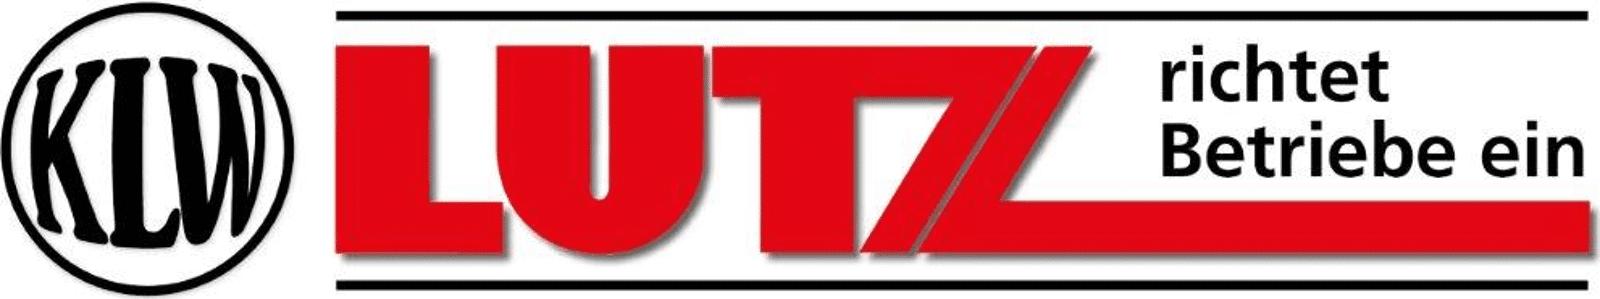 KLW Lutz